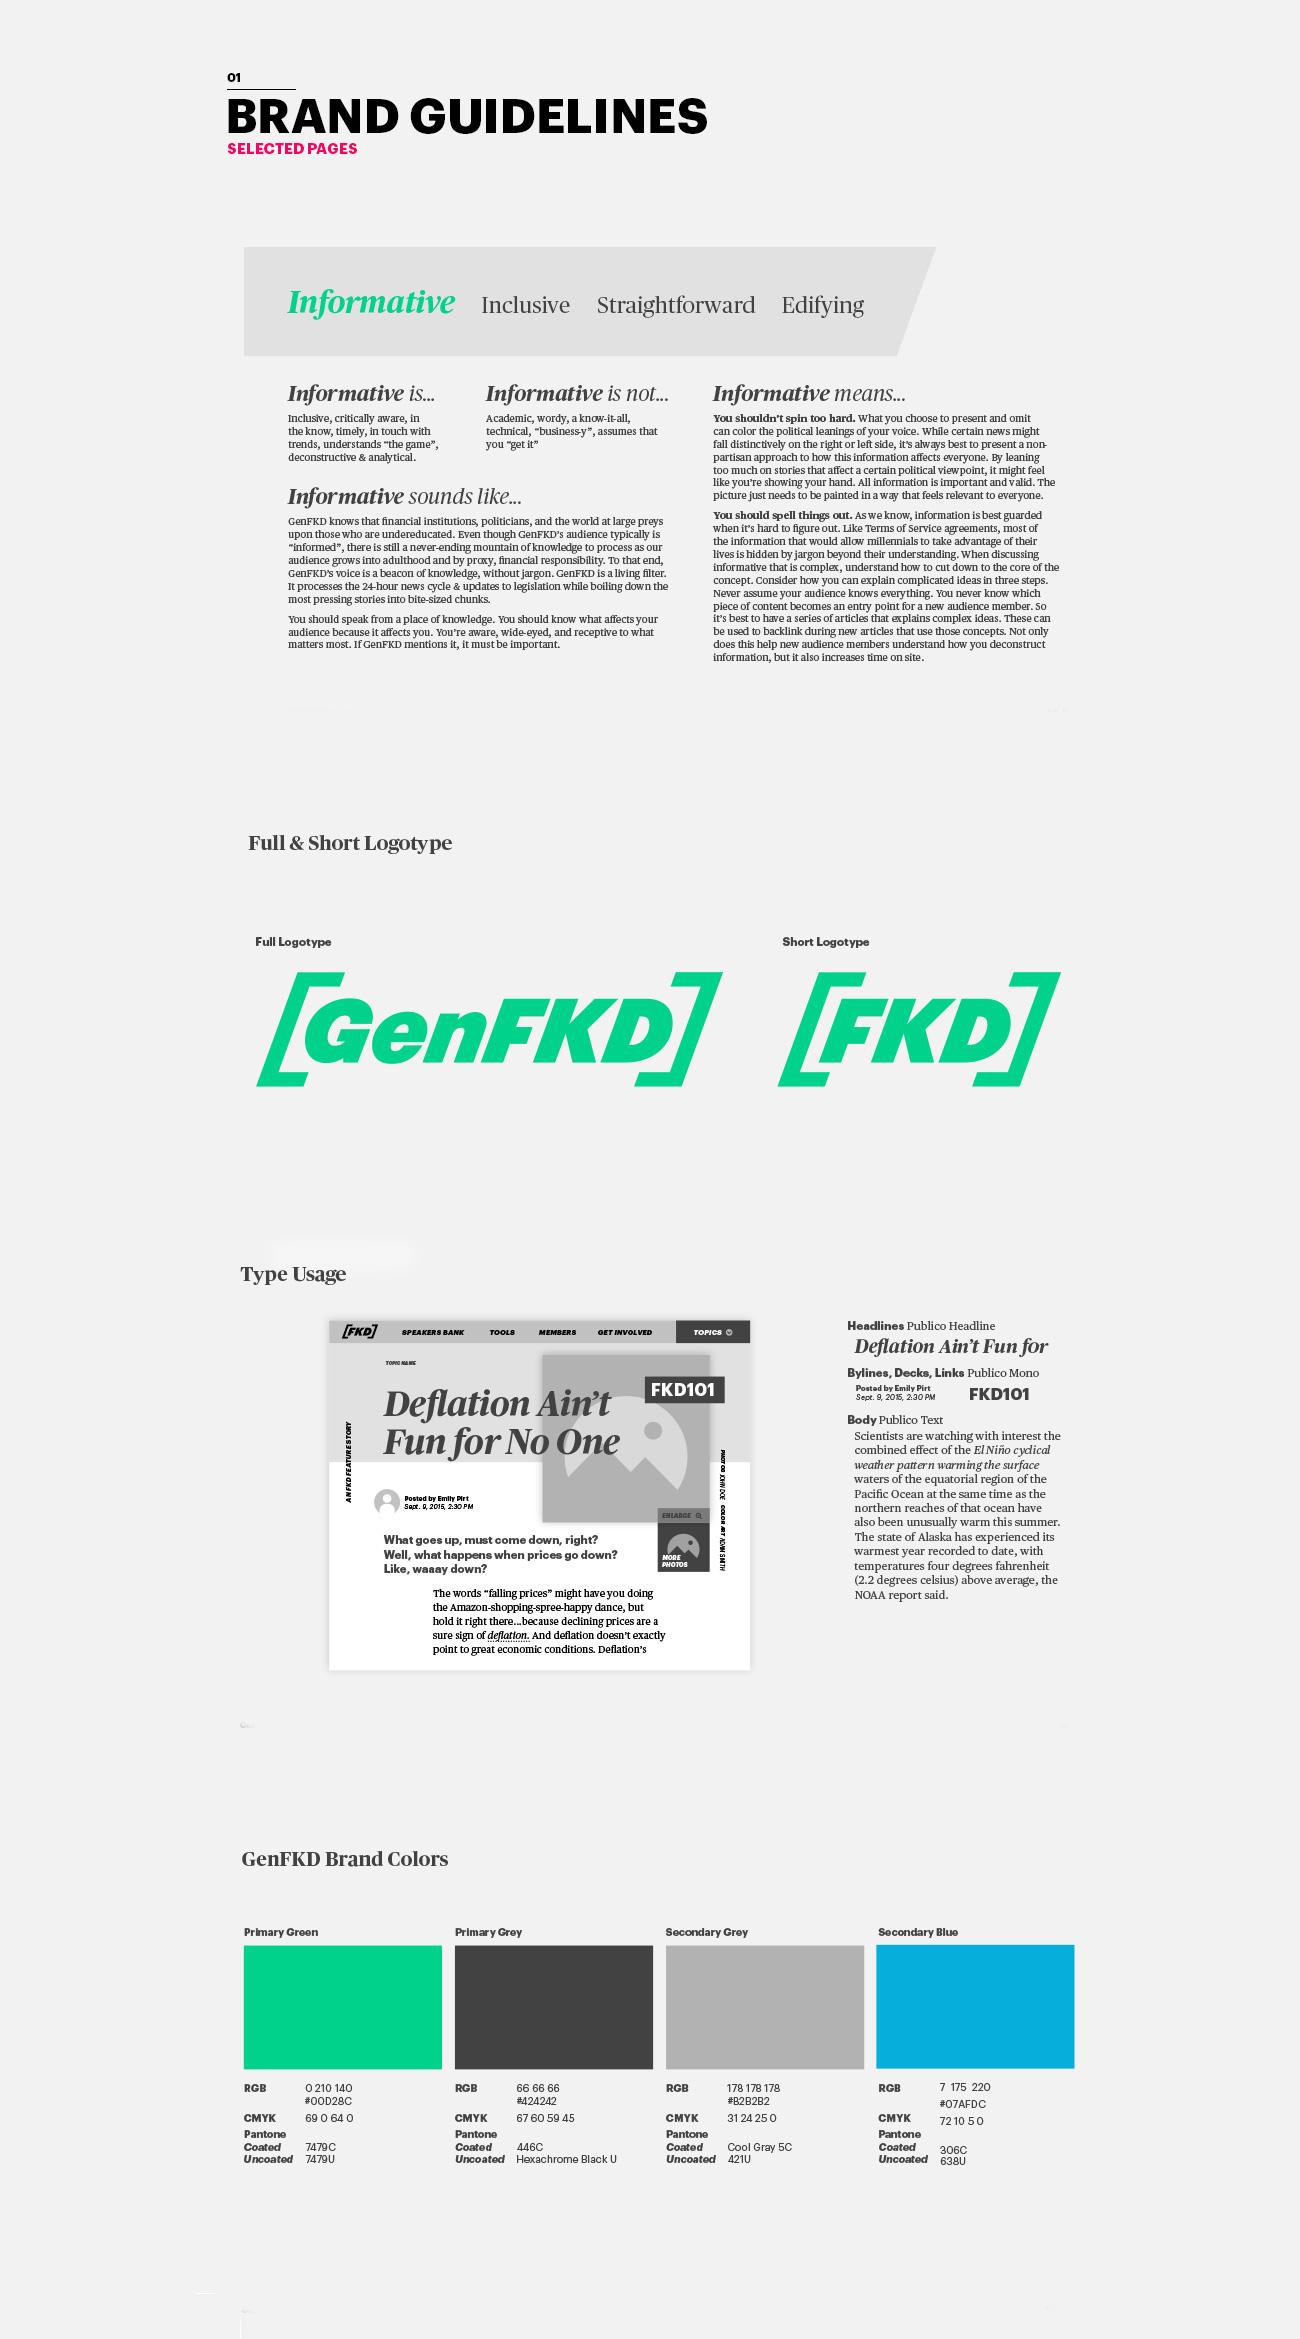 GenFKD Branding